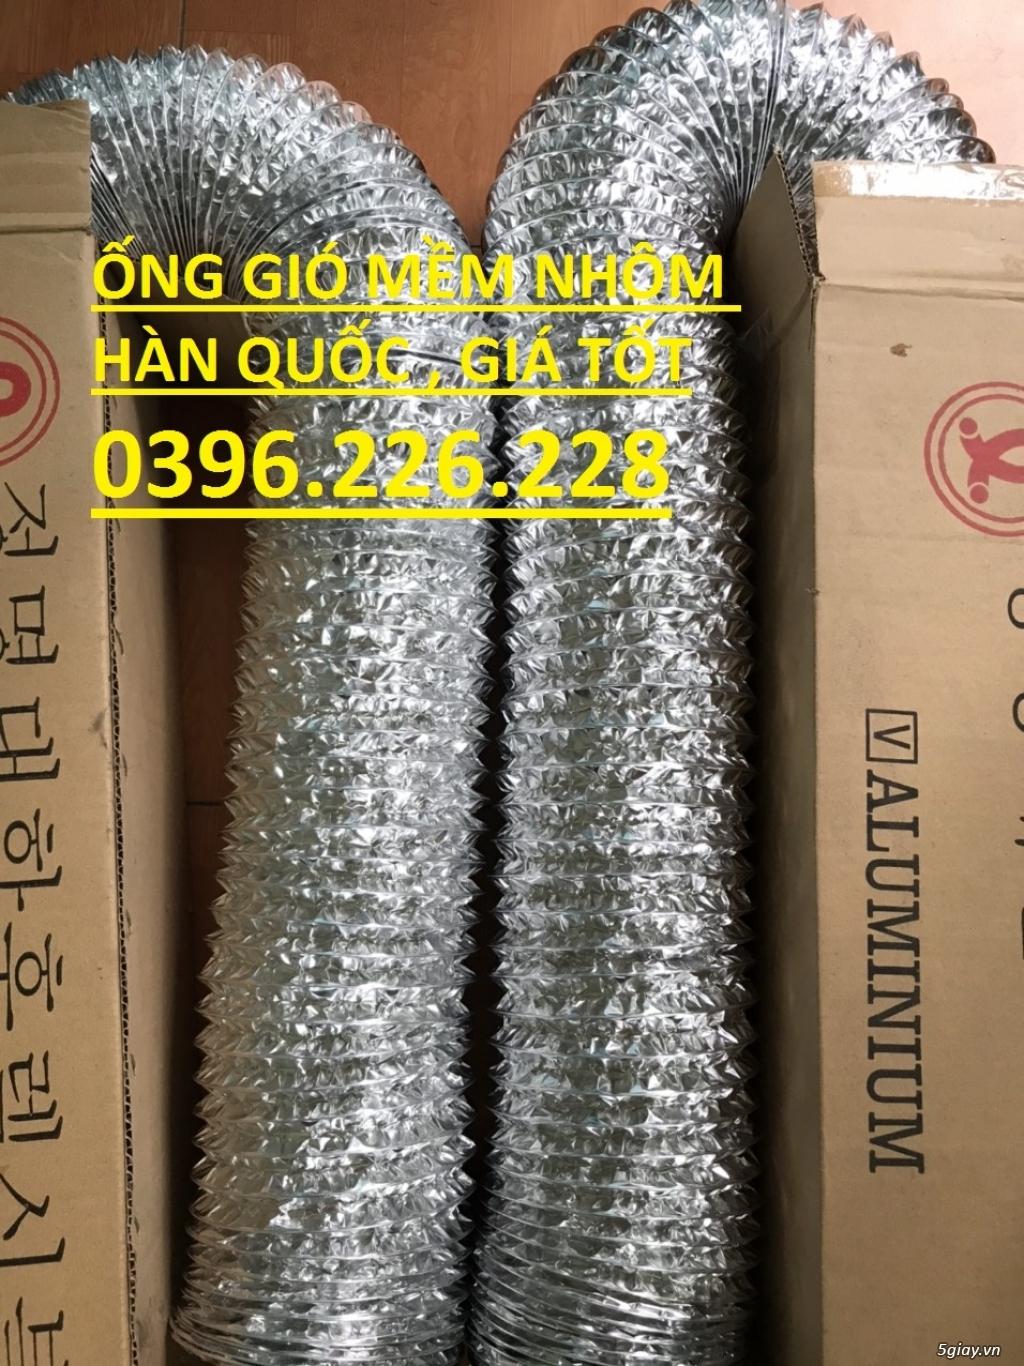 Ống nhựa lõi thép,ống hút bụi, ống gió , ống cao su, nhôm nhún,ống PU. - 1